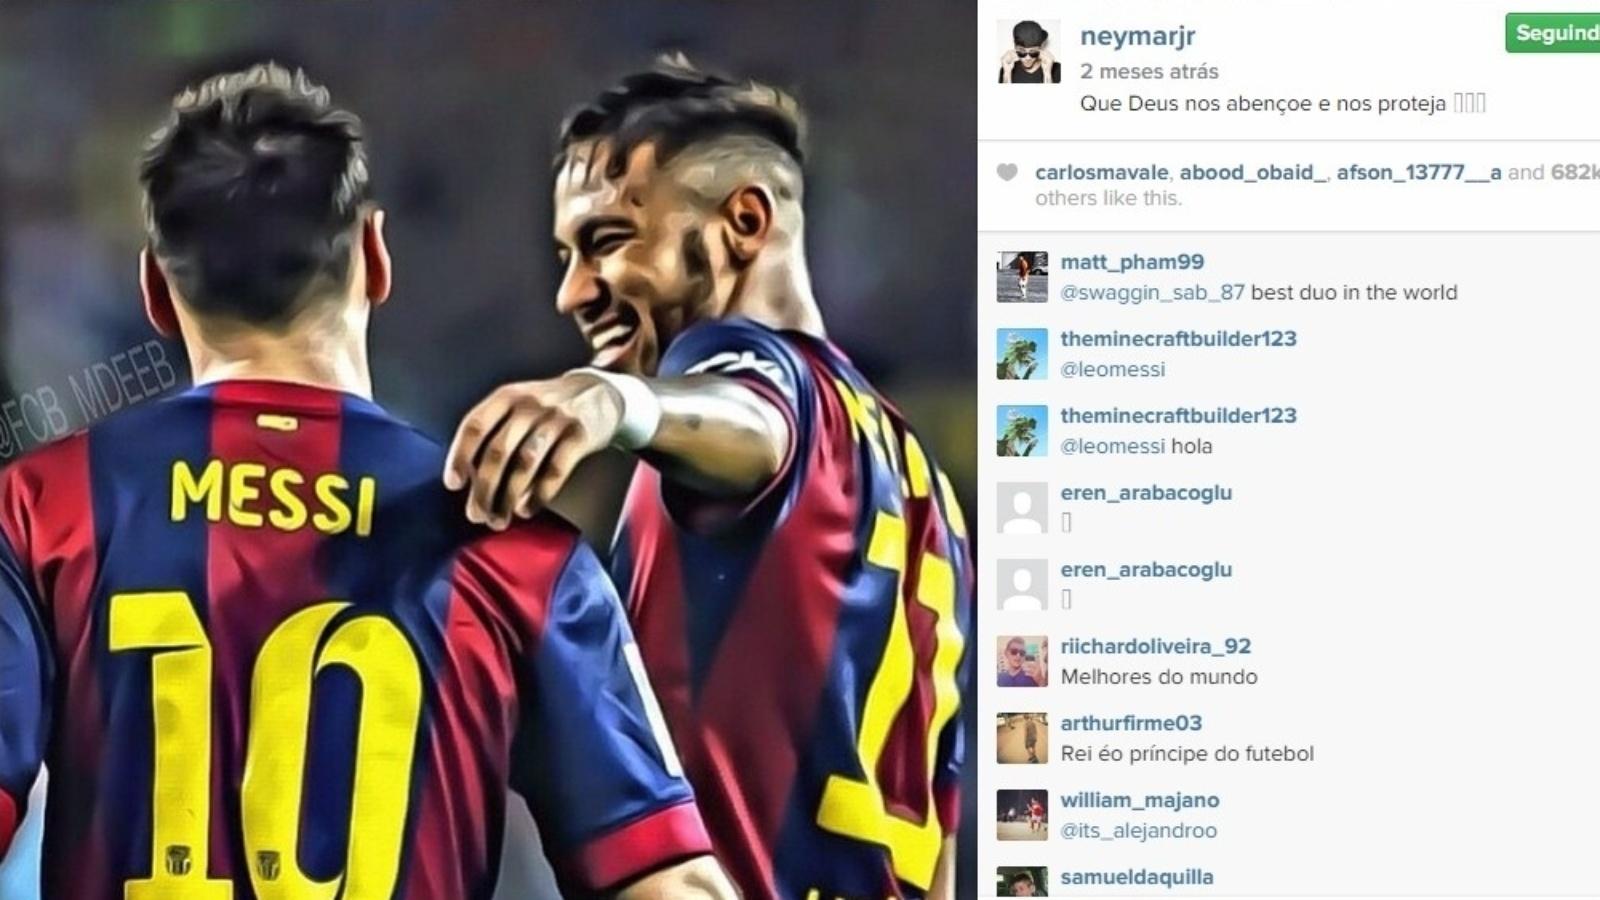 Juntos, Neymar e Messi já marcaram 50 gols nesta temporada